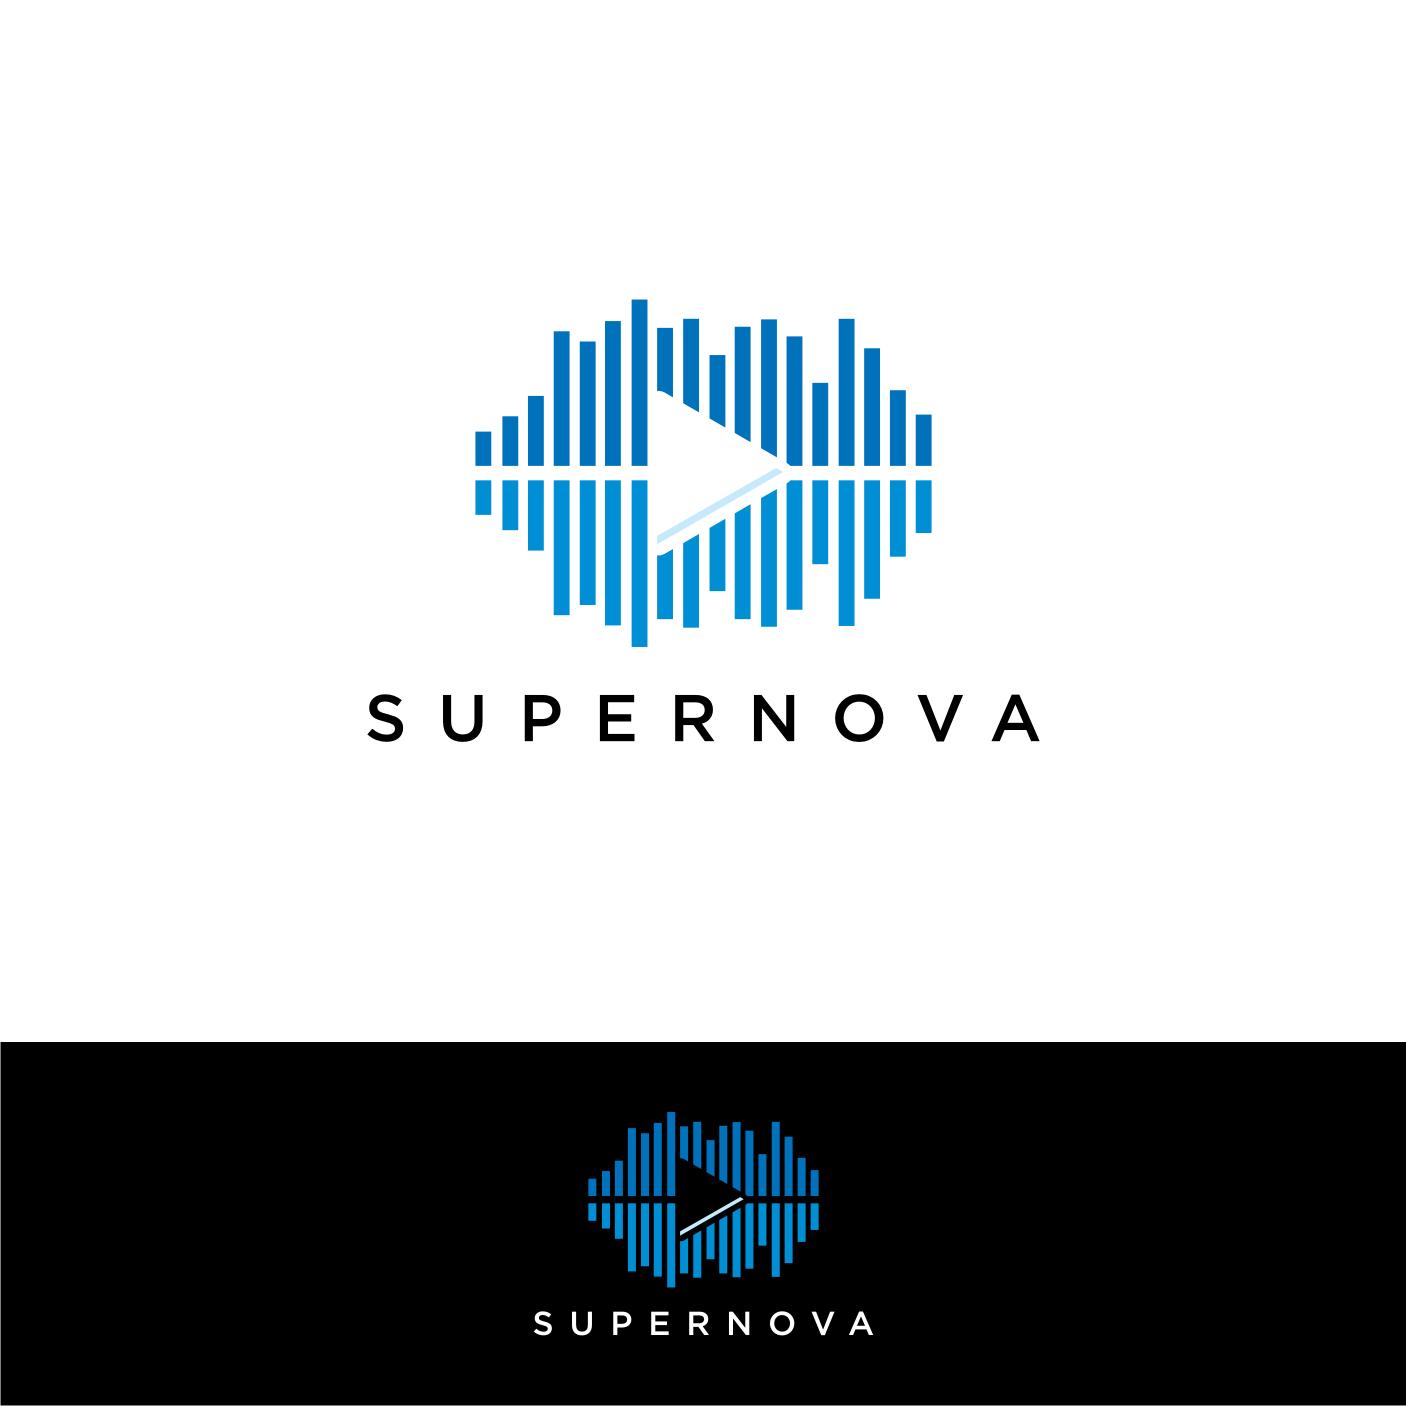 Logo Design by Analla Art - Entry No. 192 in the Logo Design Contest Creative Logo Design for Supernova.